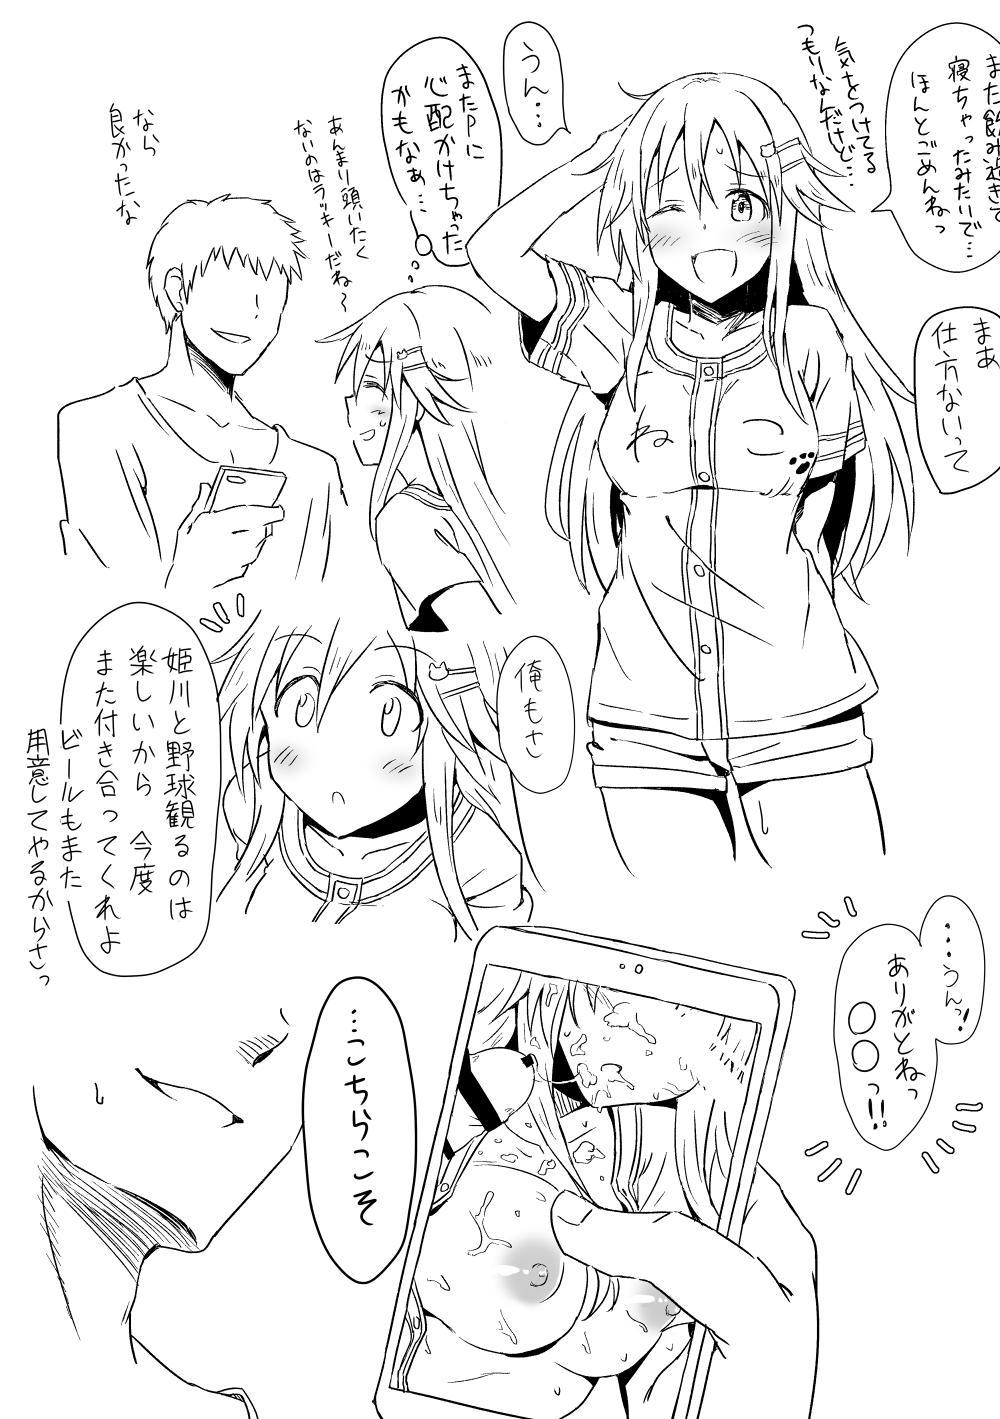 Himekawa Yuki ga Nomitomo ni Morarete Suikan sarechau Hon 4